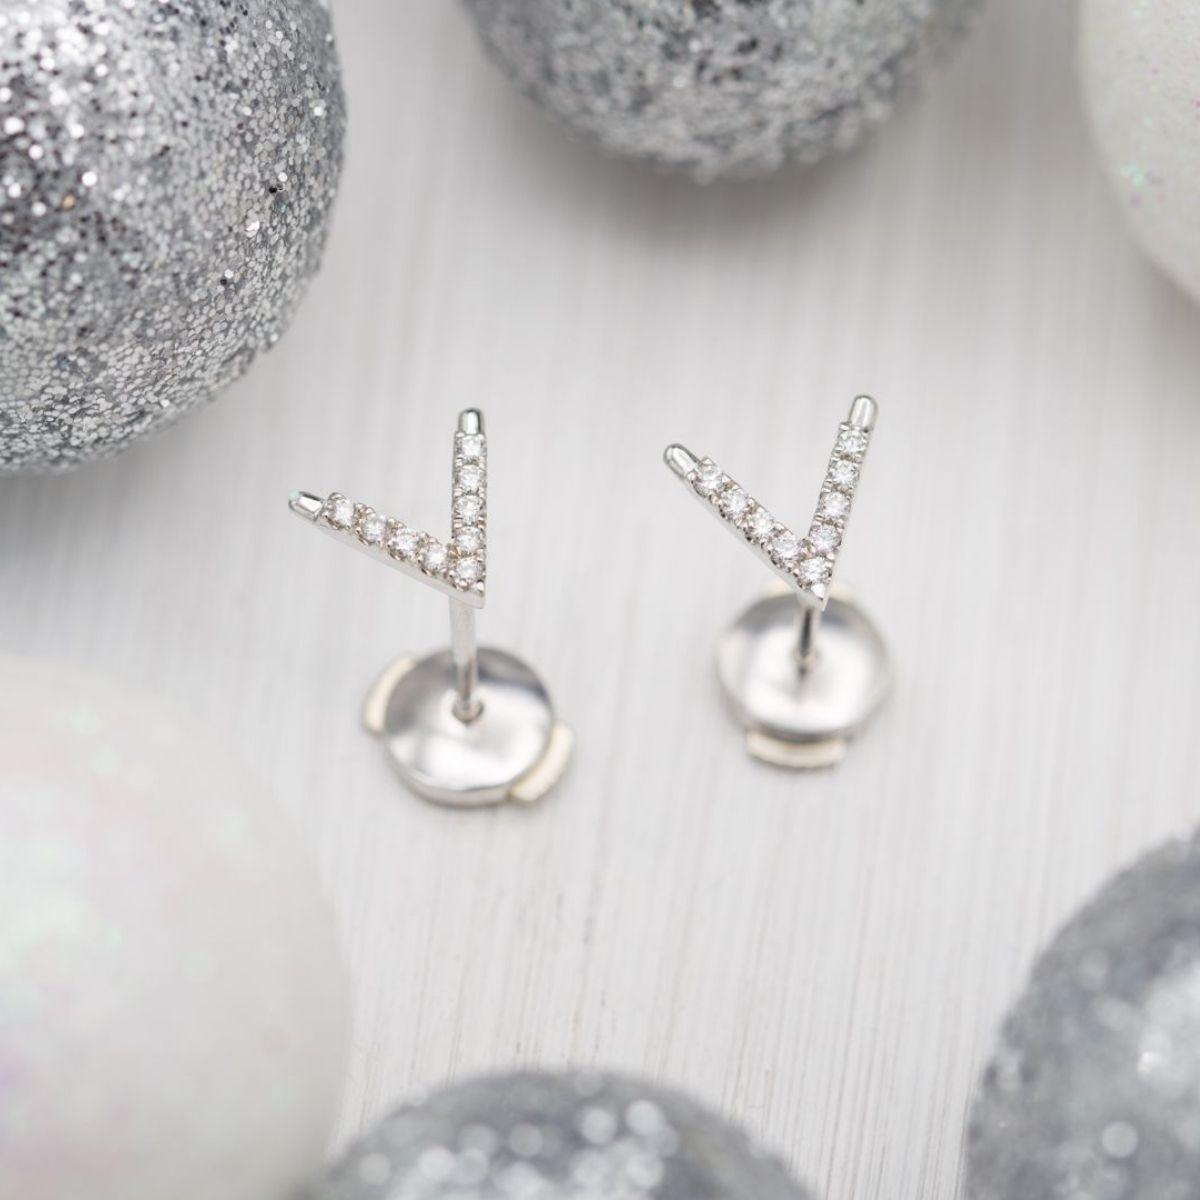 Diamond Pave 18k White Gold Letter V Stud Earrings